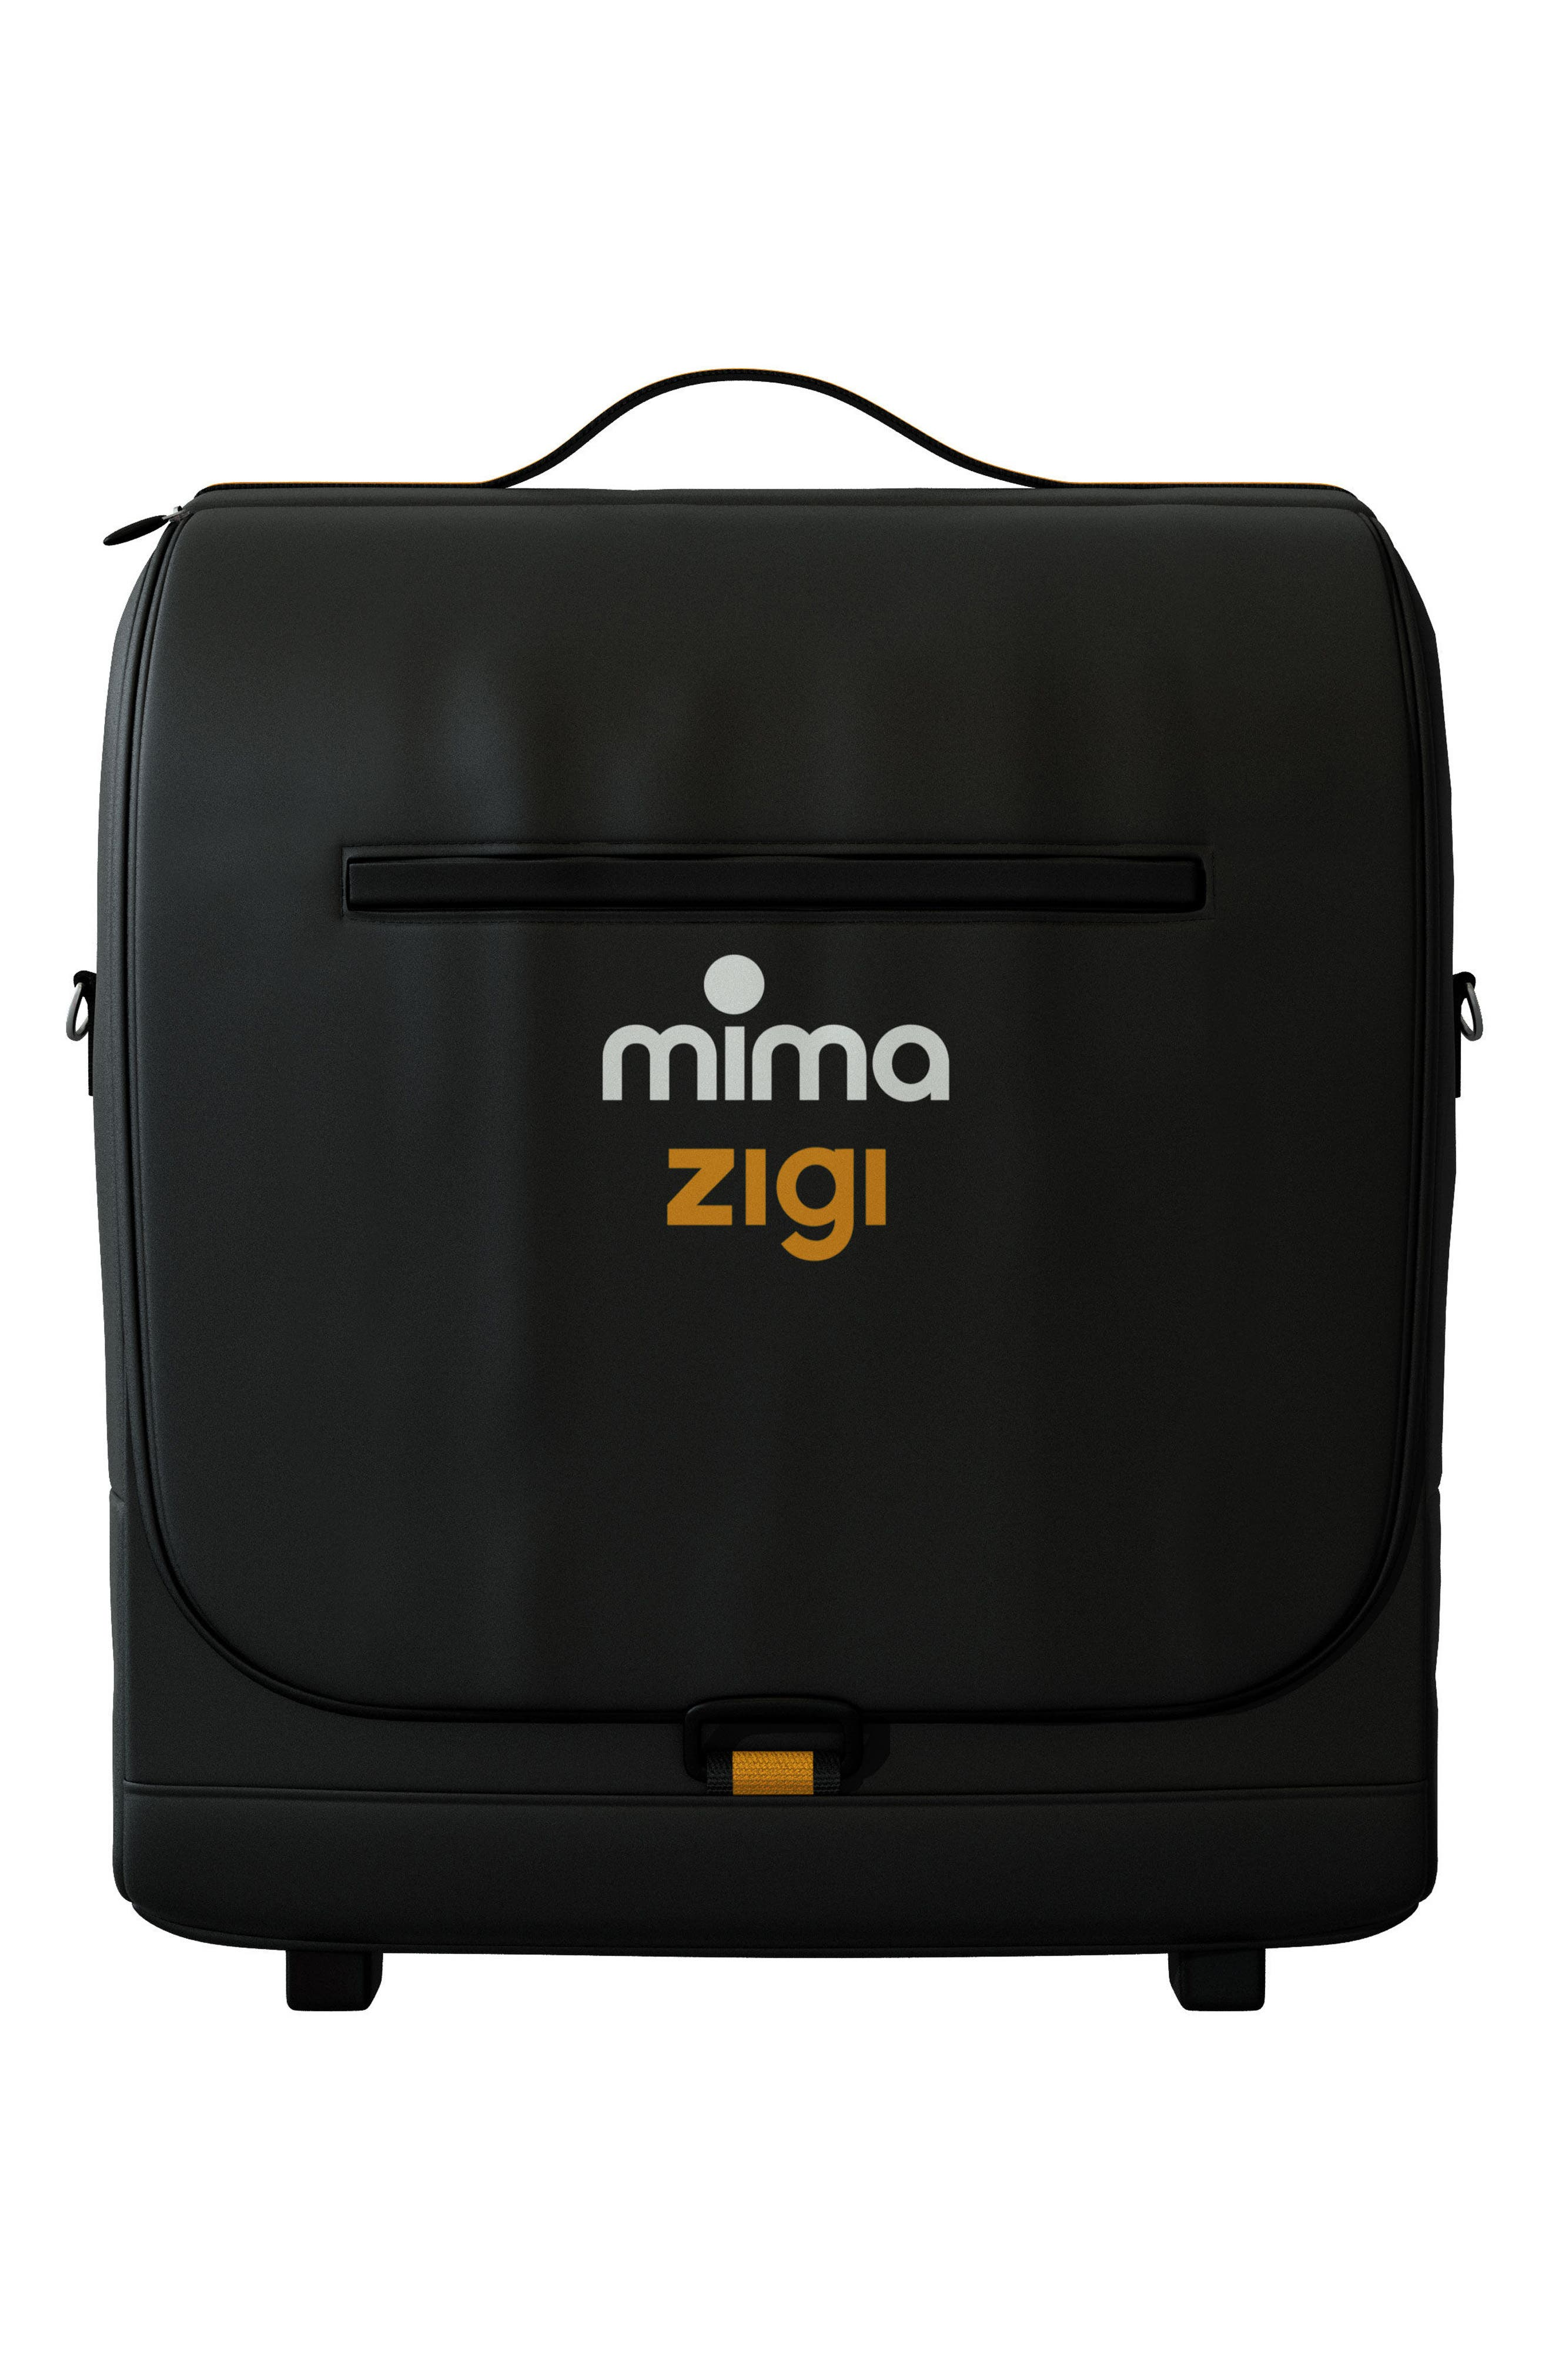 Travel Bag for Zigi Travel Stroller,                             Main thumbnail 1, color,                             Black